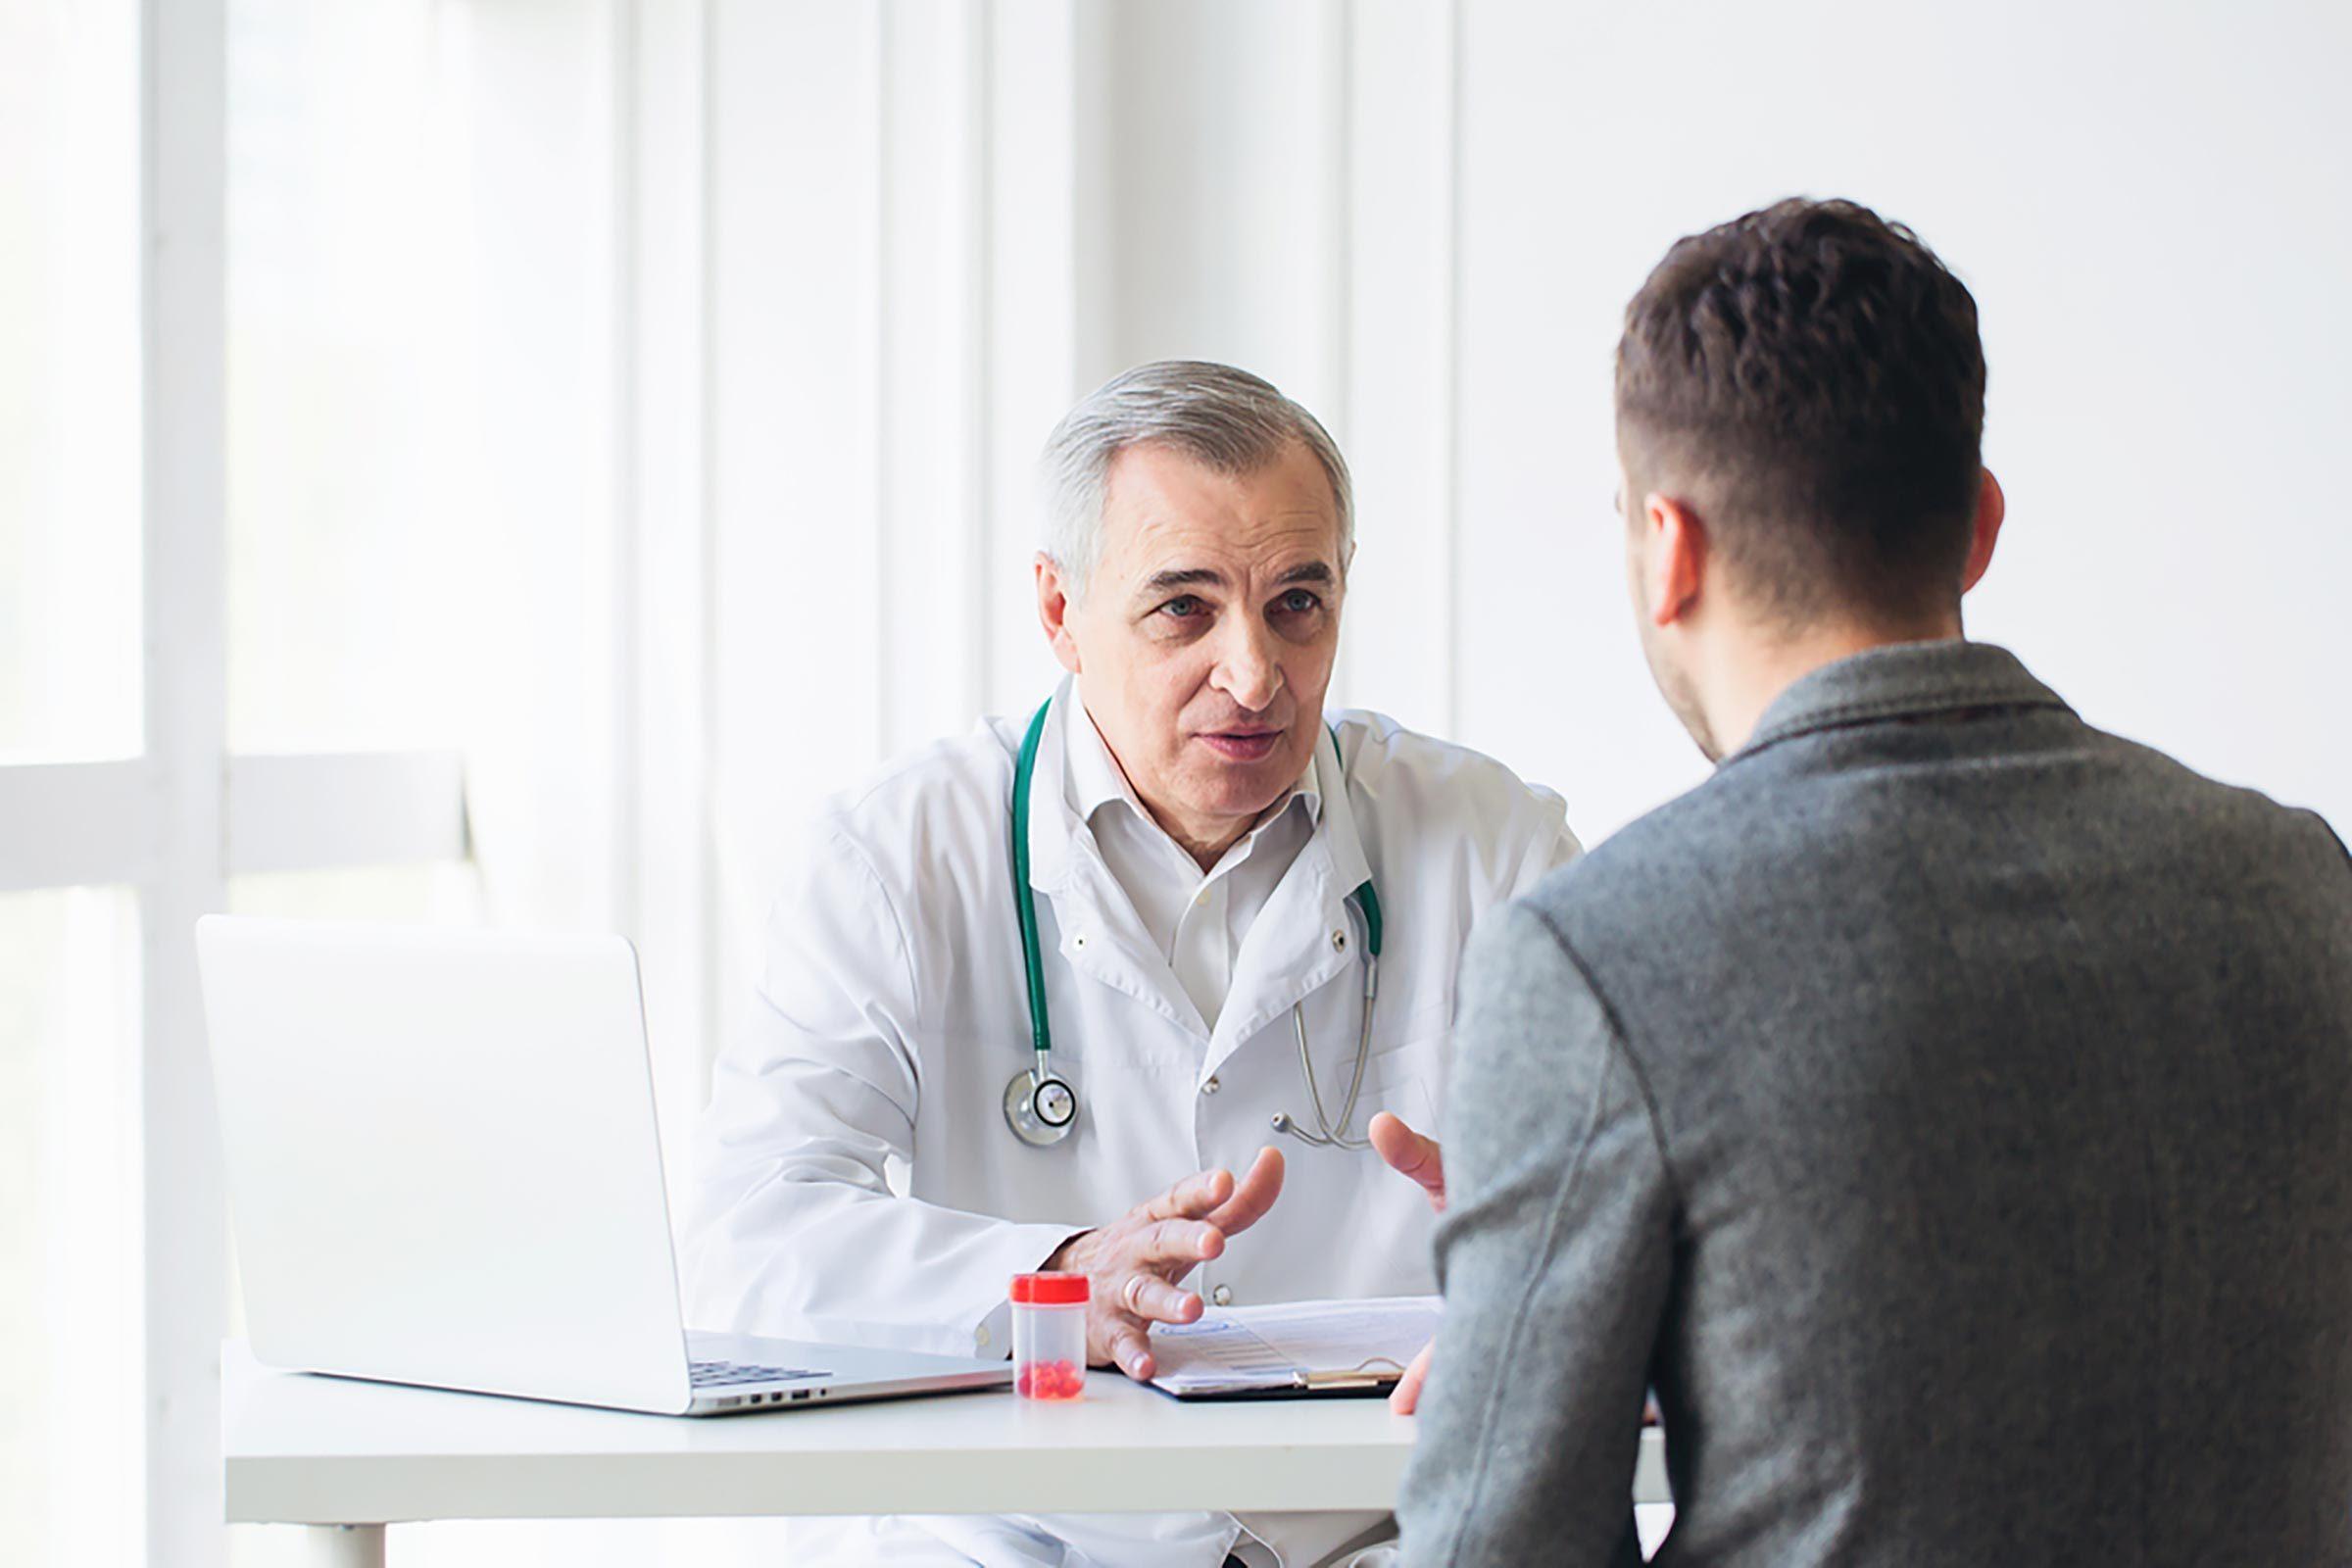 doctorwithpatient